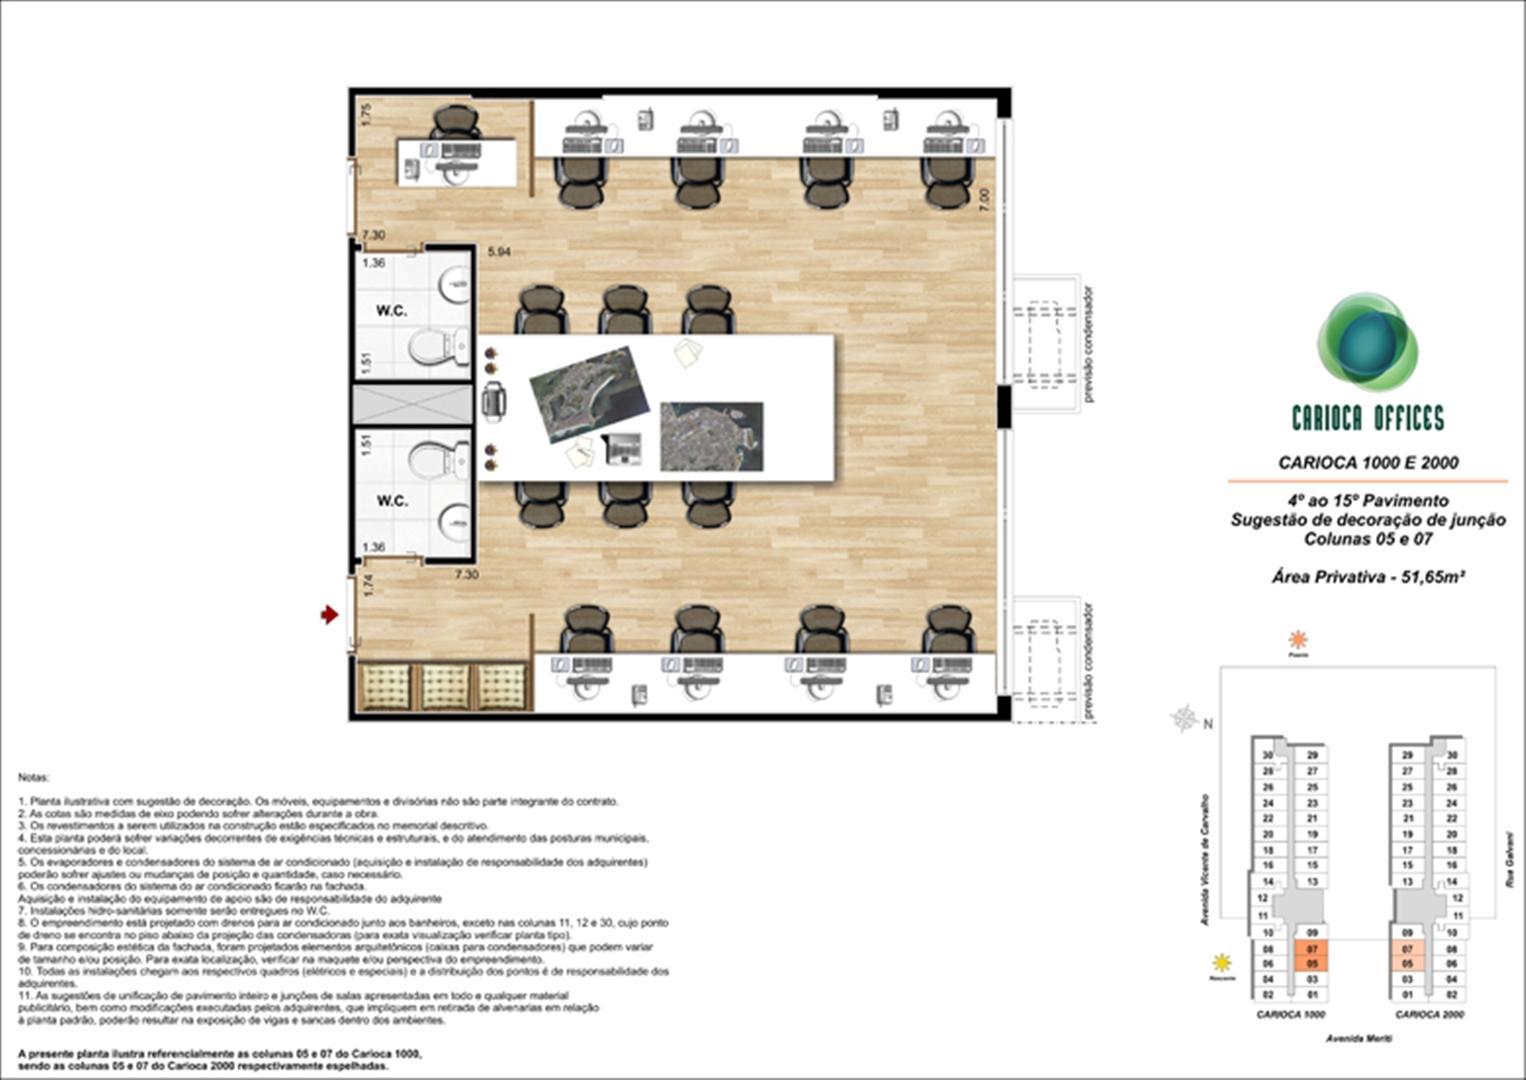 Sugestão de decoração de Junção - Carioca 1000 e 2000 - colunas 05 e 07 - 4º ao 15º Pavimento | Carioca Offices – Salas Comerciais na  Vila da Penha - Rio de Janeiro - Rio de Janeiro